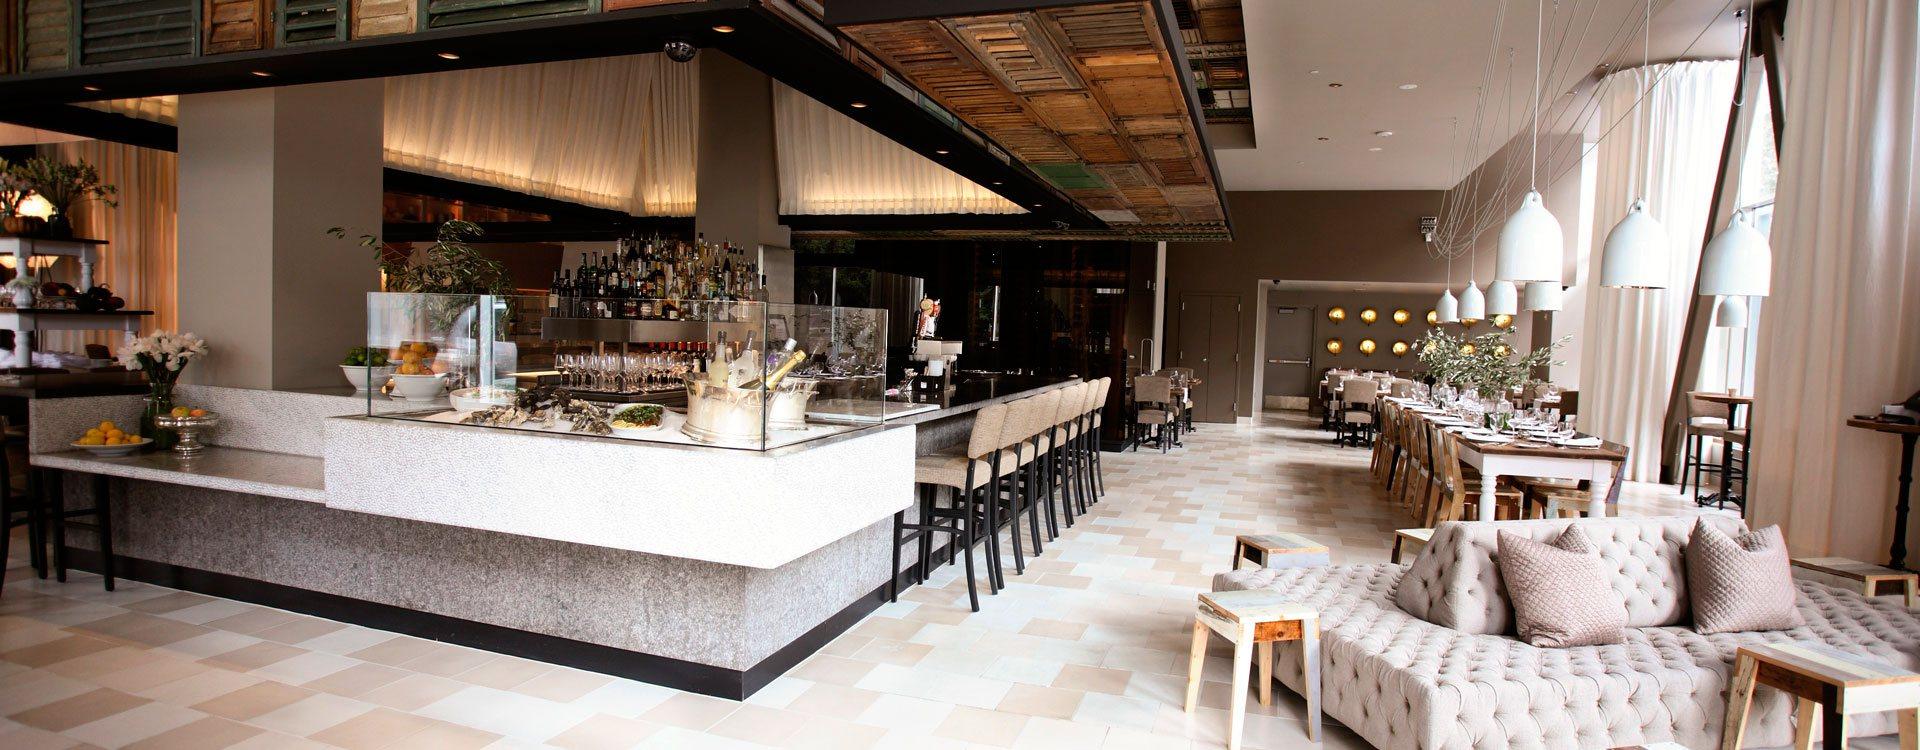 Arredamento bar roma e locali fda for Arredamento bar